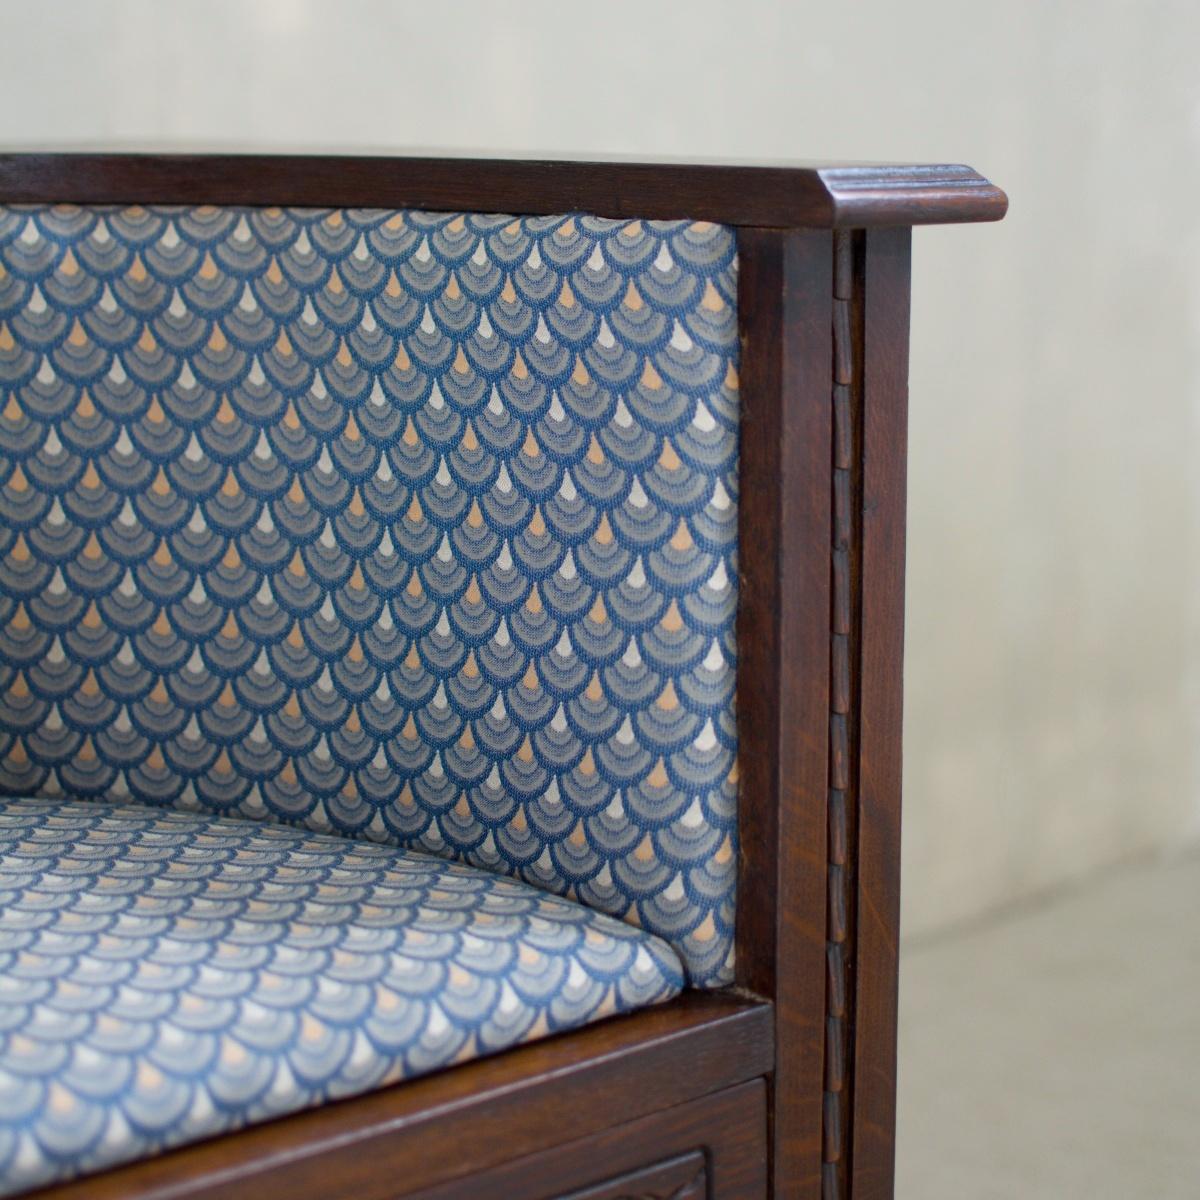 Prodej vintage nábytku v Praze anglický botník